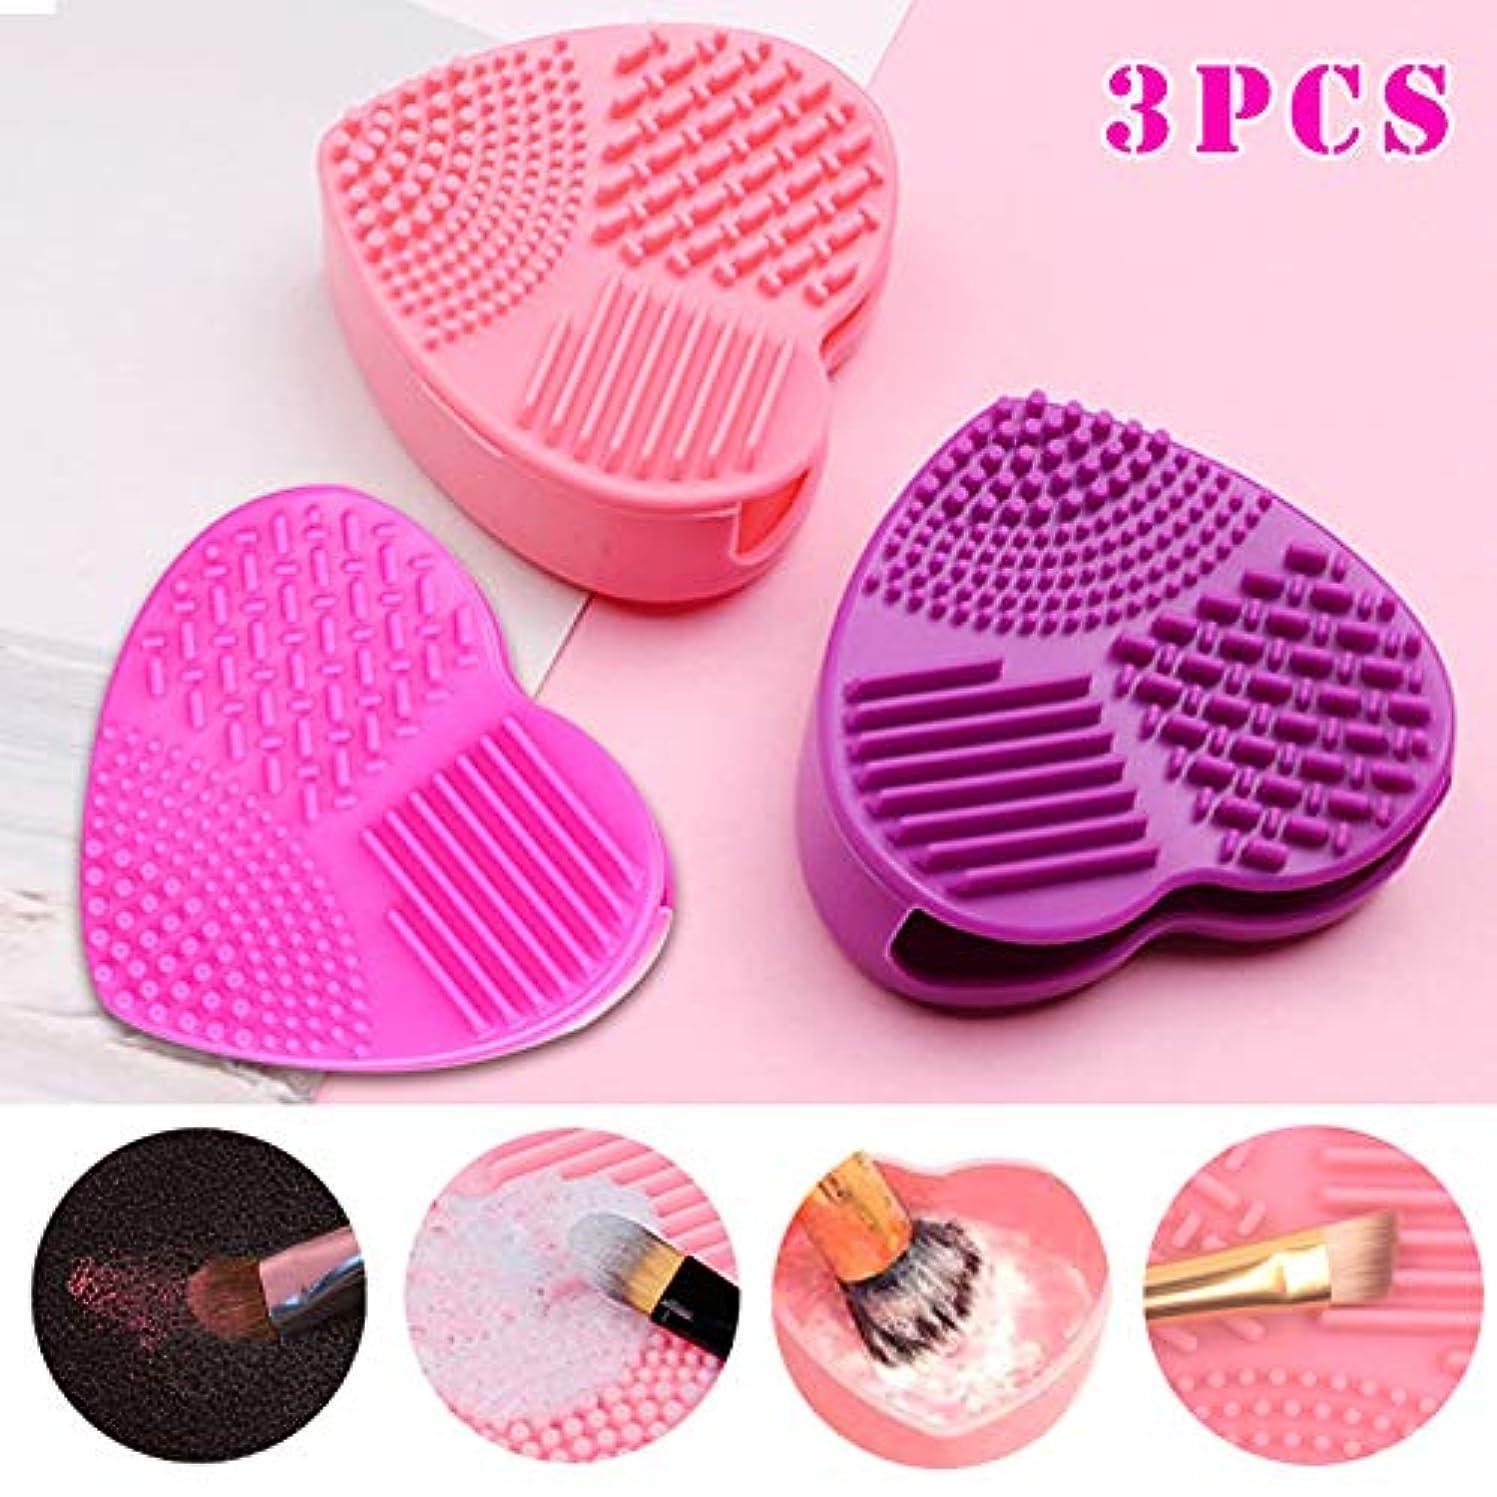 保証発表とまり木Symboat 3つのハート型の化粧ブラシのクリーニングパッド 洗浄ブラシ ピンクのハート形 化粧ブラシ用清掃パッド